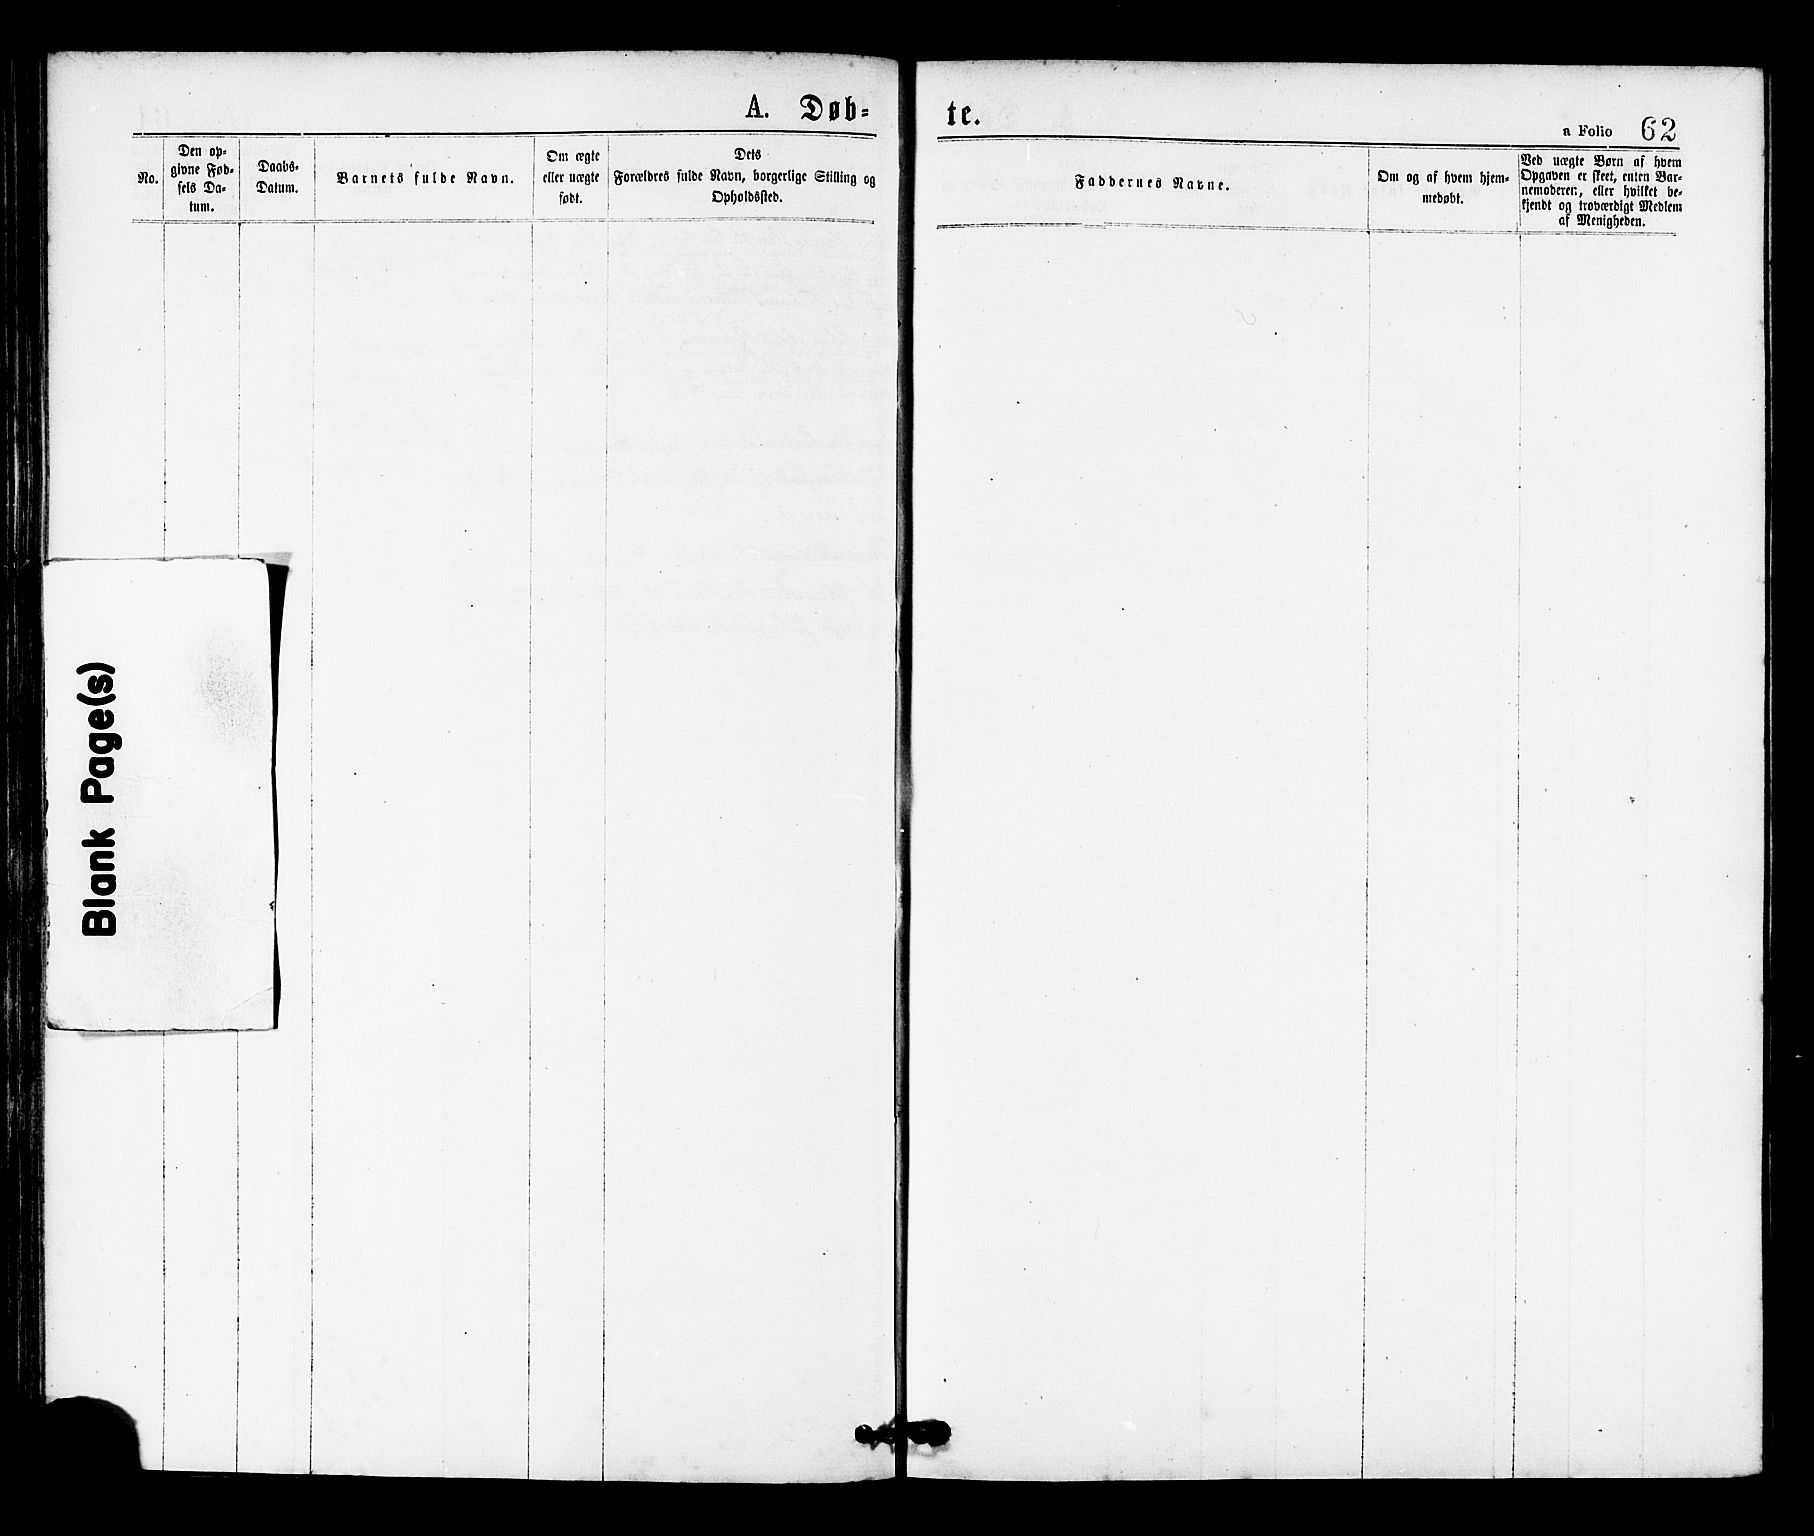 SAT, Ministerialprotokoller, klokkerbøker og fødselsregistre - Sør-Trøndelag, 655/L0679: Ministerialbok nr. 655A08, 1873-1879, s. 62